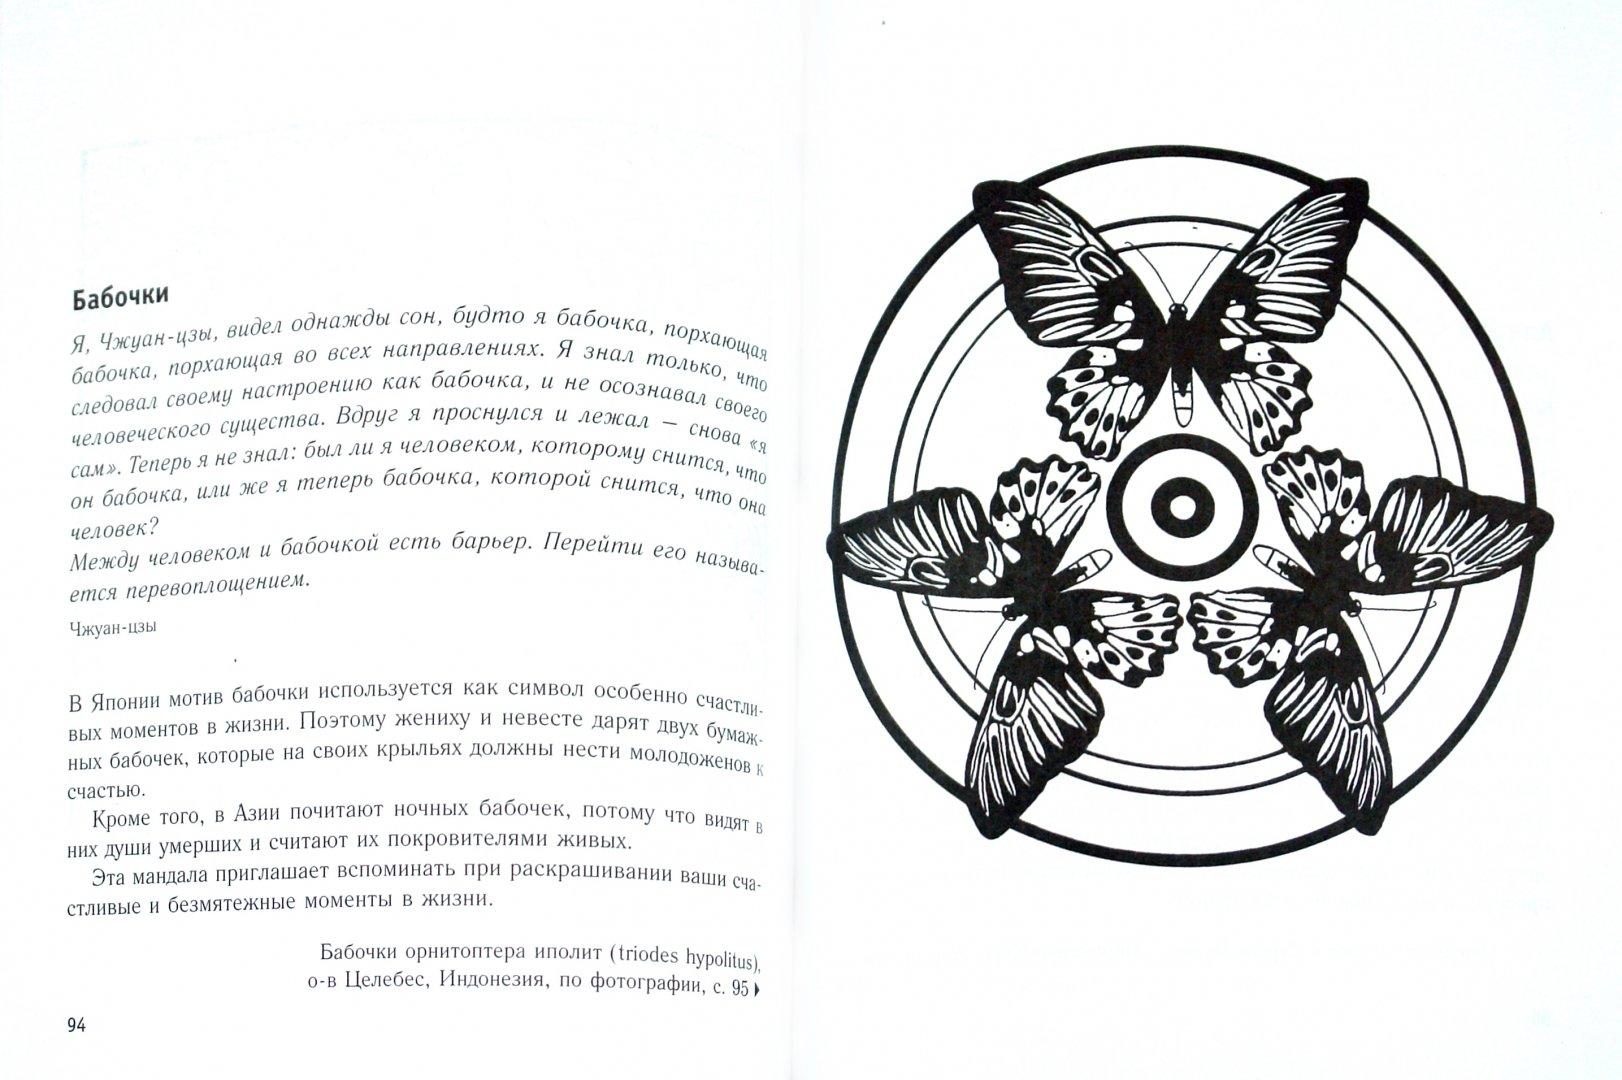 Иллюстрация 1 из 9 для Лечебные и магические мандалы. Орнаменты шести тысячелетий, открытые заново | Лабиринт - книги. Источник: Лабиринт